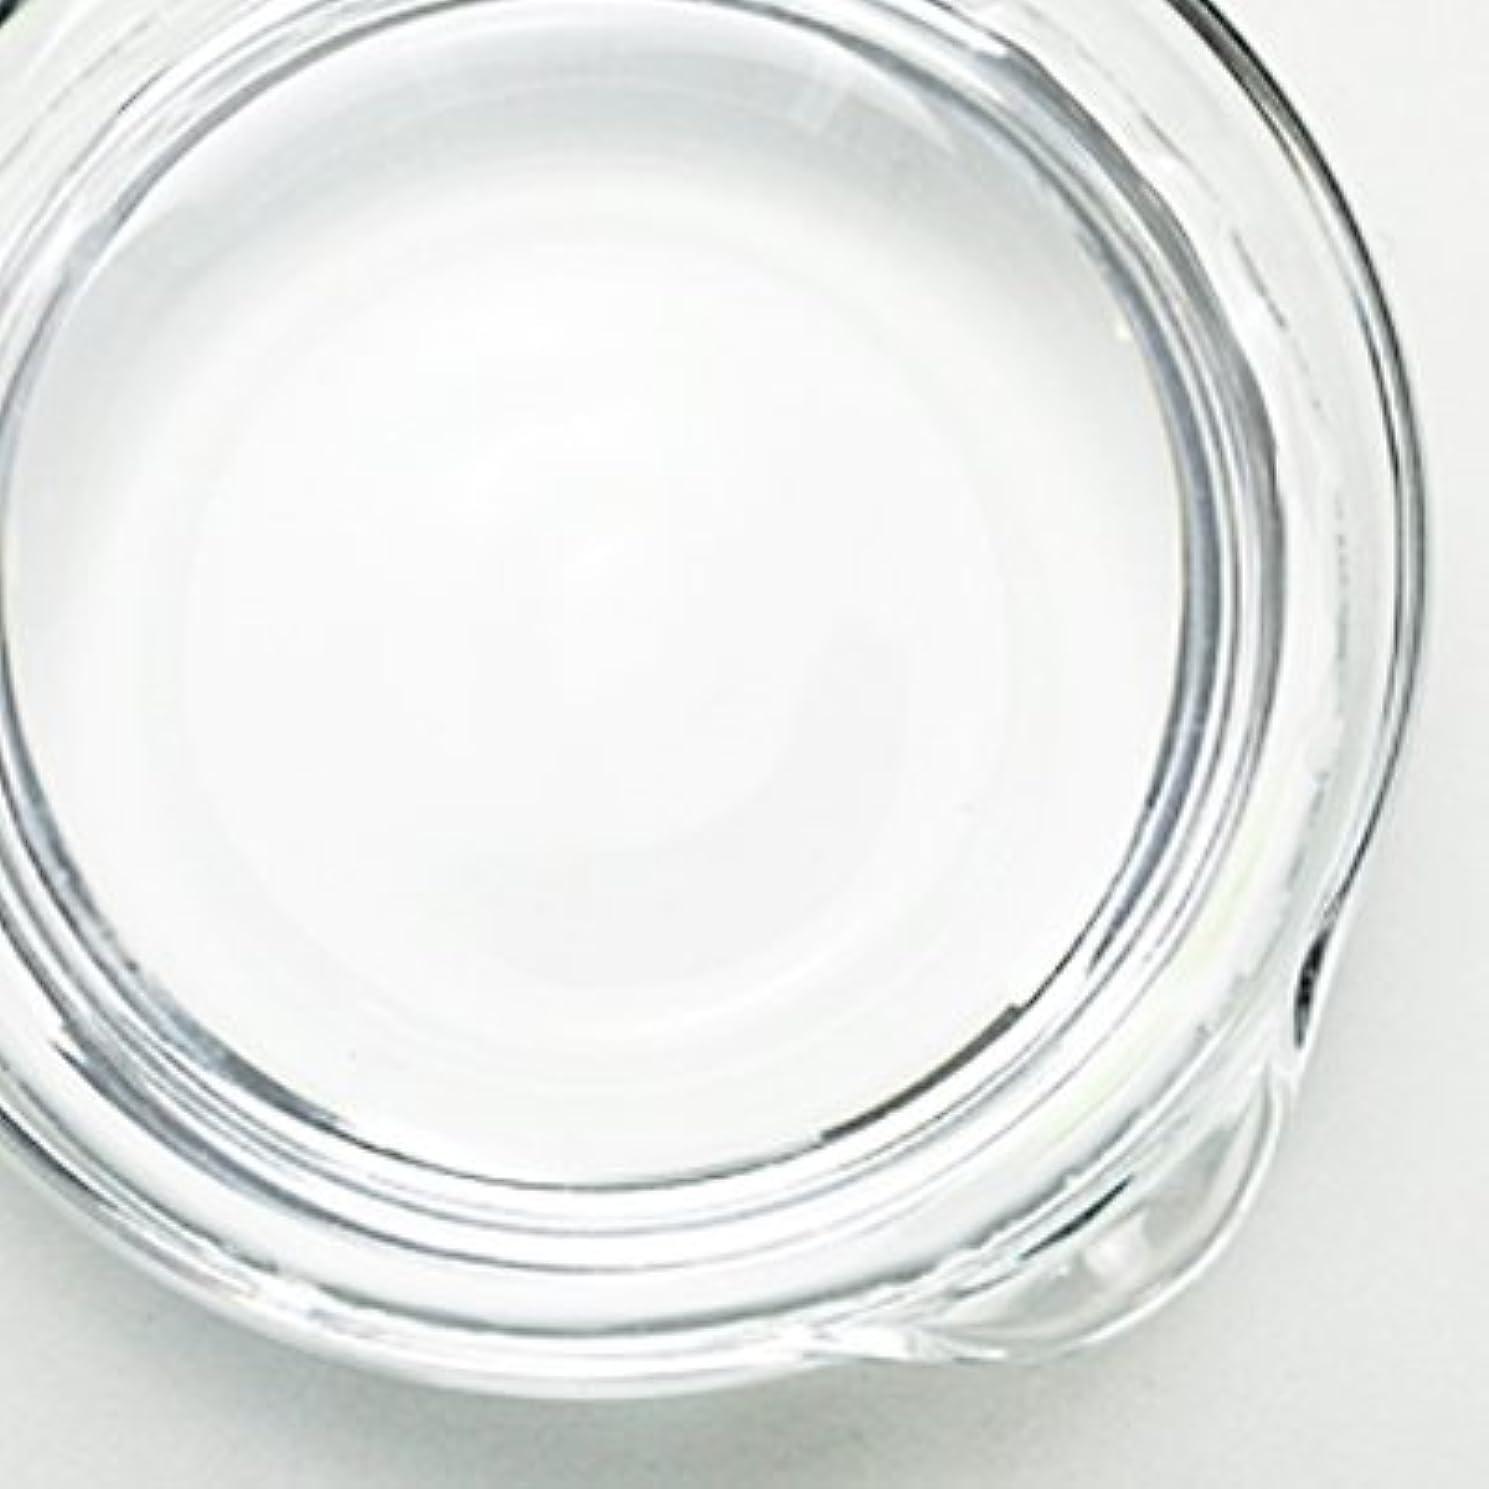 1,3-プロパンジオール[PG] 100ml 【手作り石鹸/手作りコスメ】